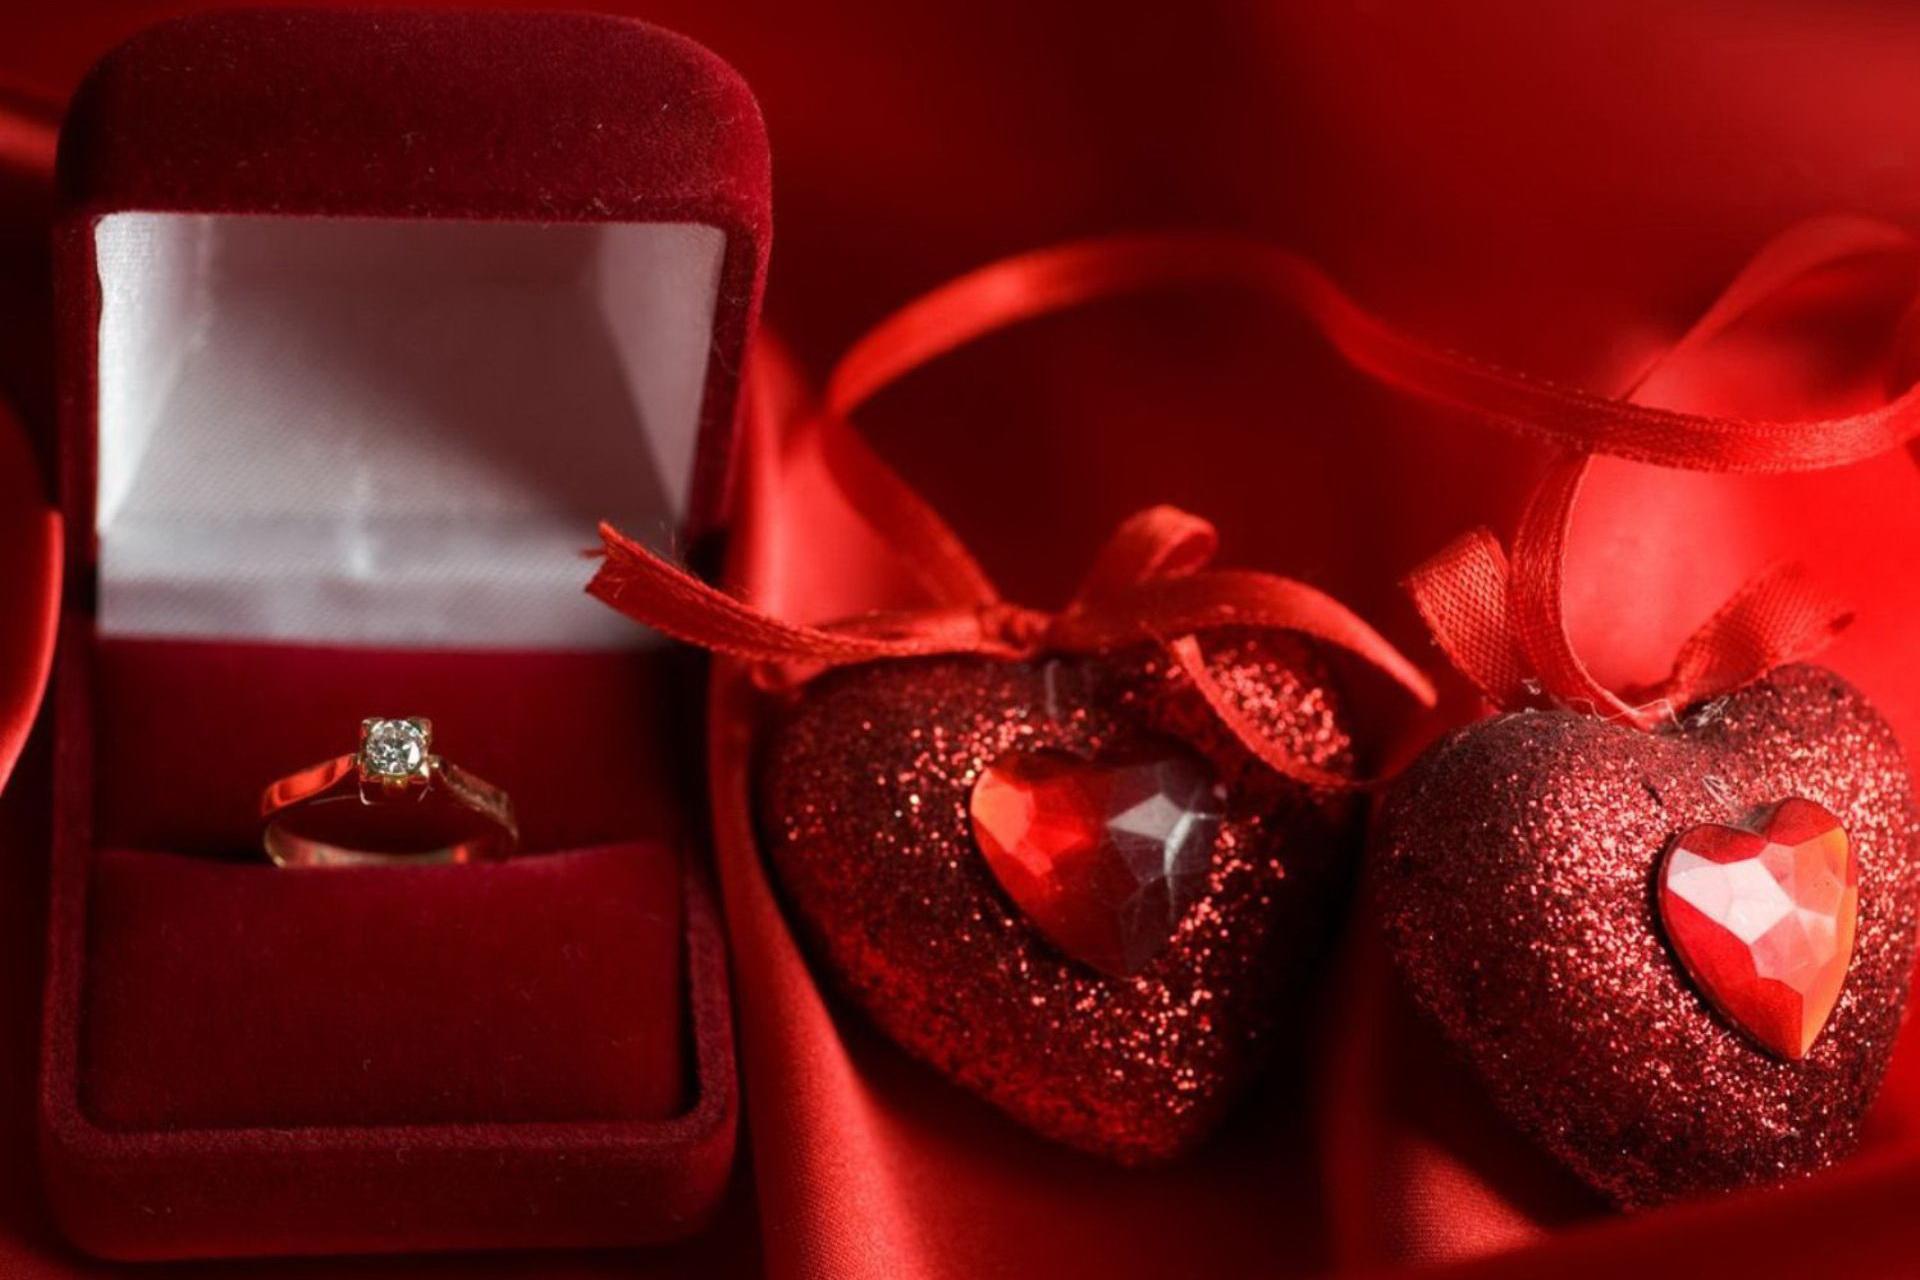 بالصور صور هدايا عيد الحب , اجمل صور هدايا عيد الحب فى صور لعيونكم 4433 8